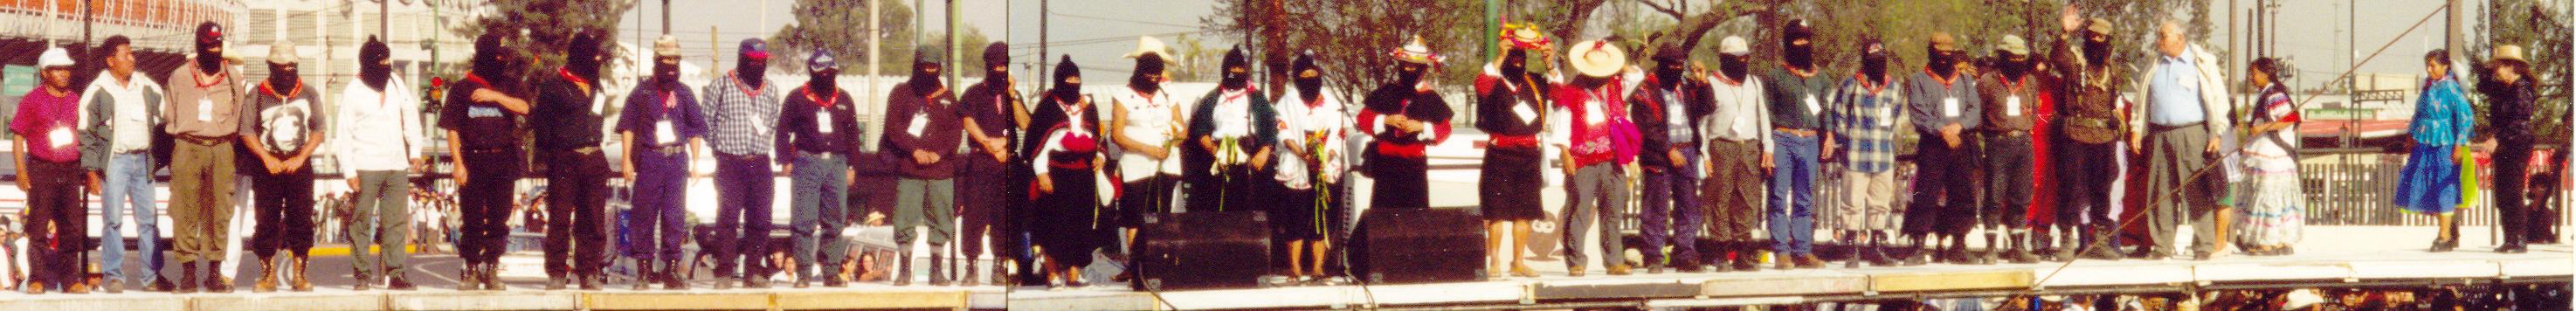 Izzzx.-color tierra congreso Adios triunfal 28mar2001